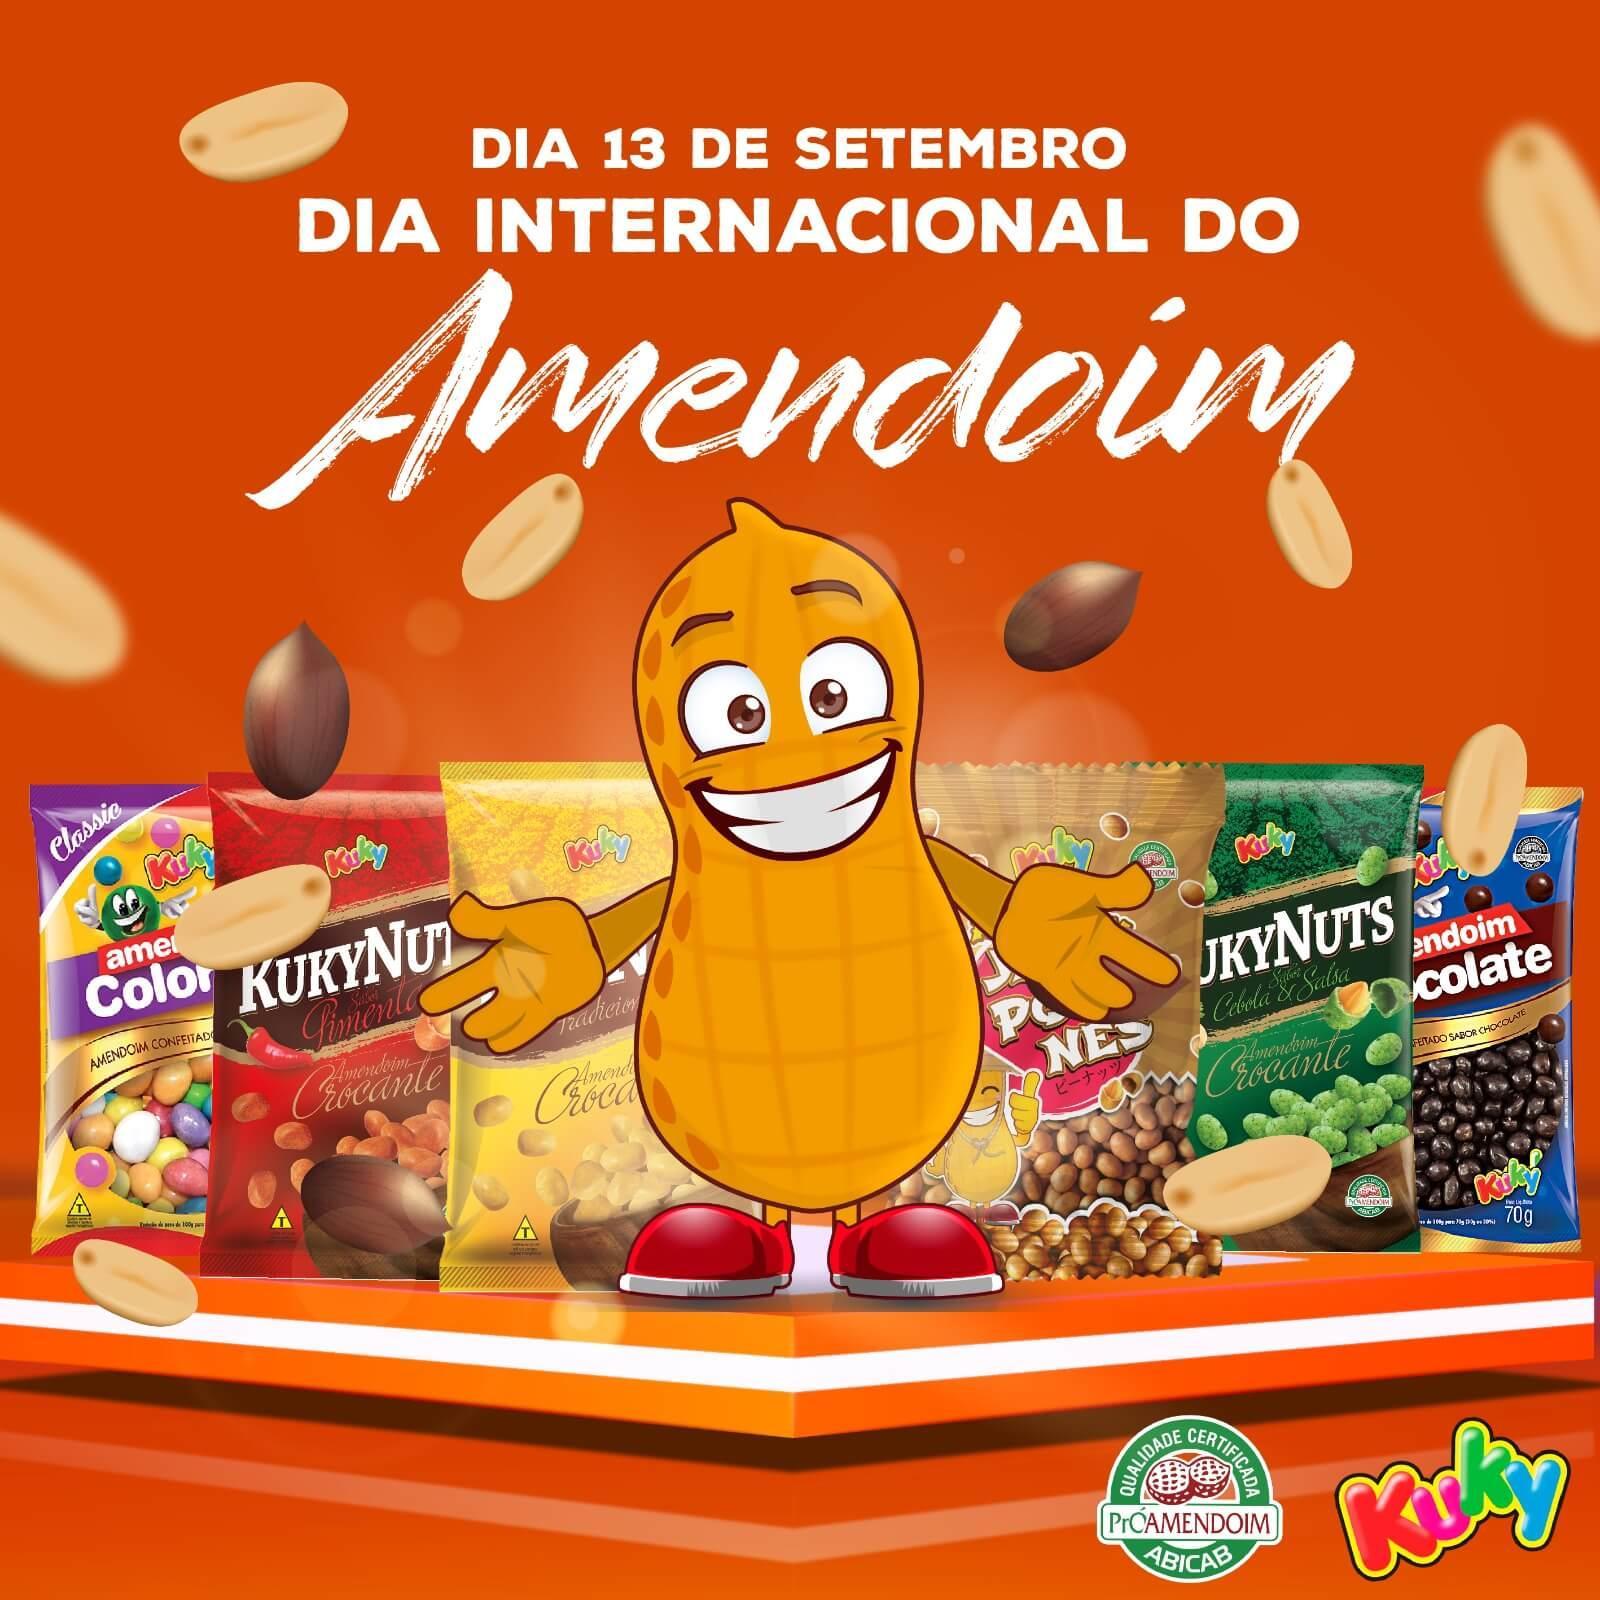 Ler mais sobre 13 de Setembro dia do Amendoim